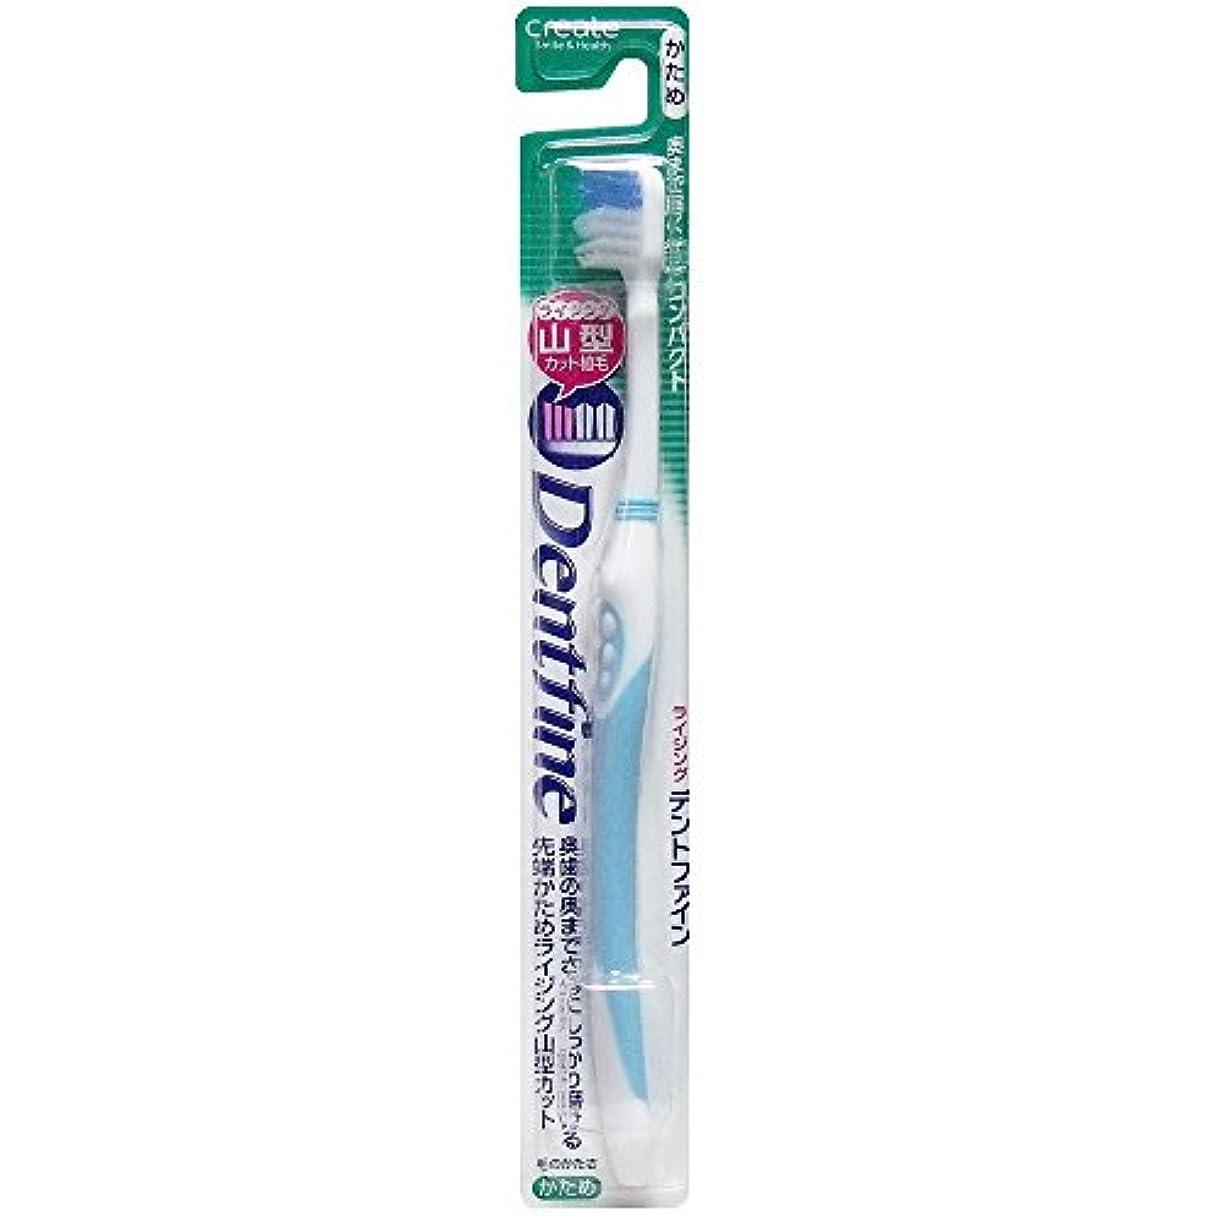 デントファイン ピュアスタイル 山切りカット 歯ブラシ かため 1本:ブルー